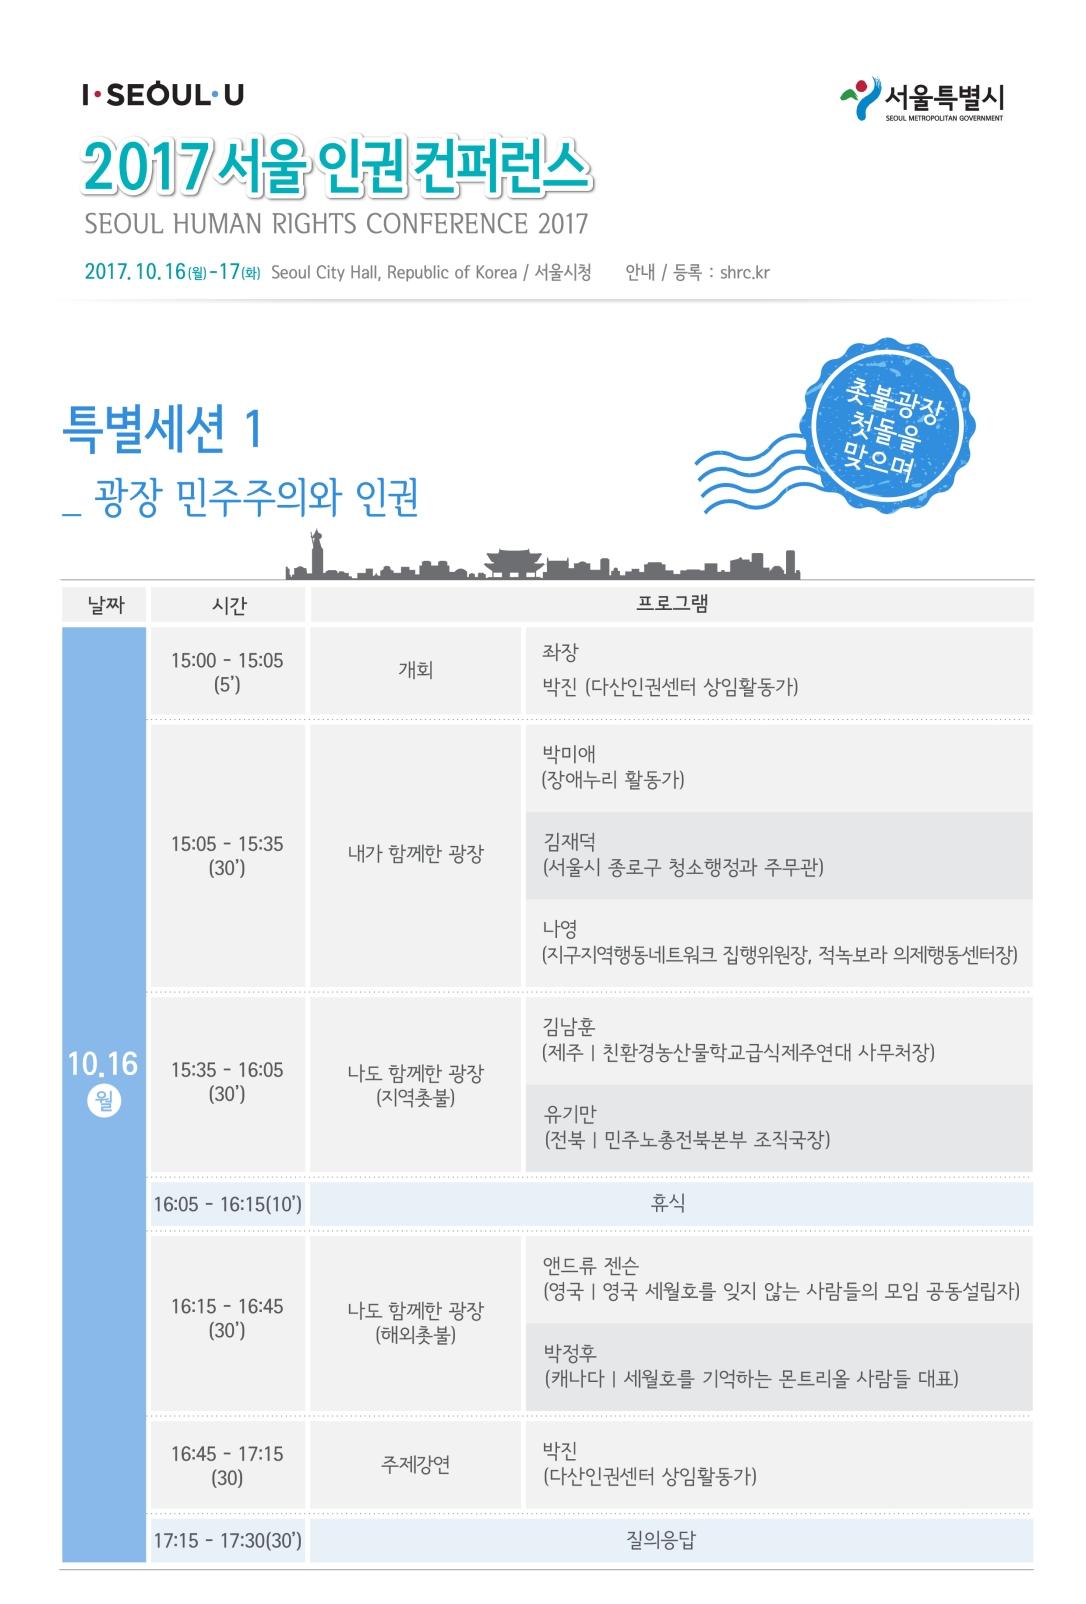 2017서울인권컨퍼런스 웹자보(특별세션1)